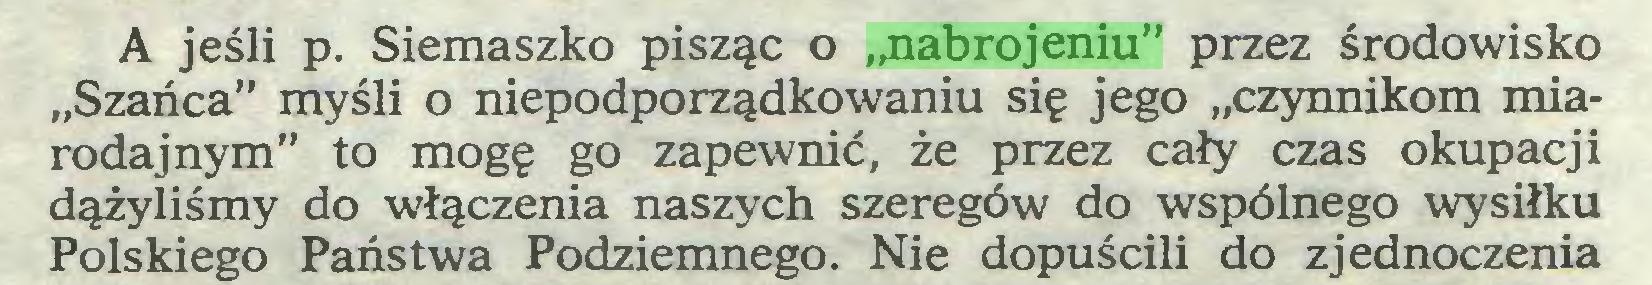 """(...) A jeśli p. Siemaszko pisząc o """"nabrojeniu"""" przez środowisko """"Szańca"""" myśli o niepodporządkowaniu się jego """"czynnikom miarodajnym"""" to mogę go zapewnić, że przez cały czas okupacji dążyliśmy do włączenia naszych szeregów do wspólnego wysiłku Polskiego Państwa Podziemnego. Nie dopuścili do zjednoczenia..."""